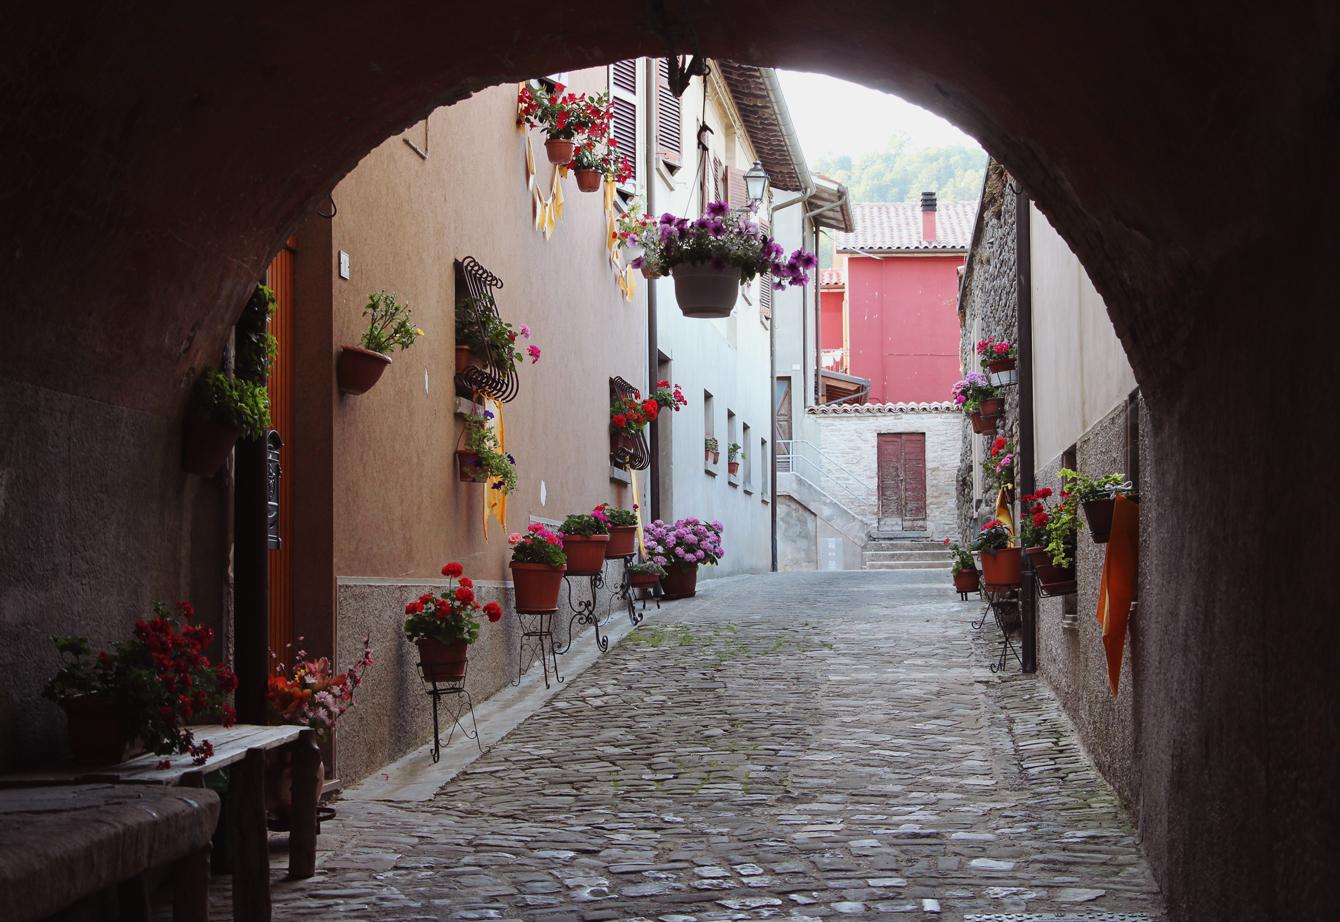 Mercatello sul Metauro, Le Marche, Italy. Image via  The Travelling Light